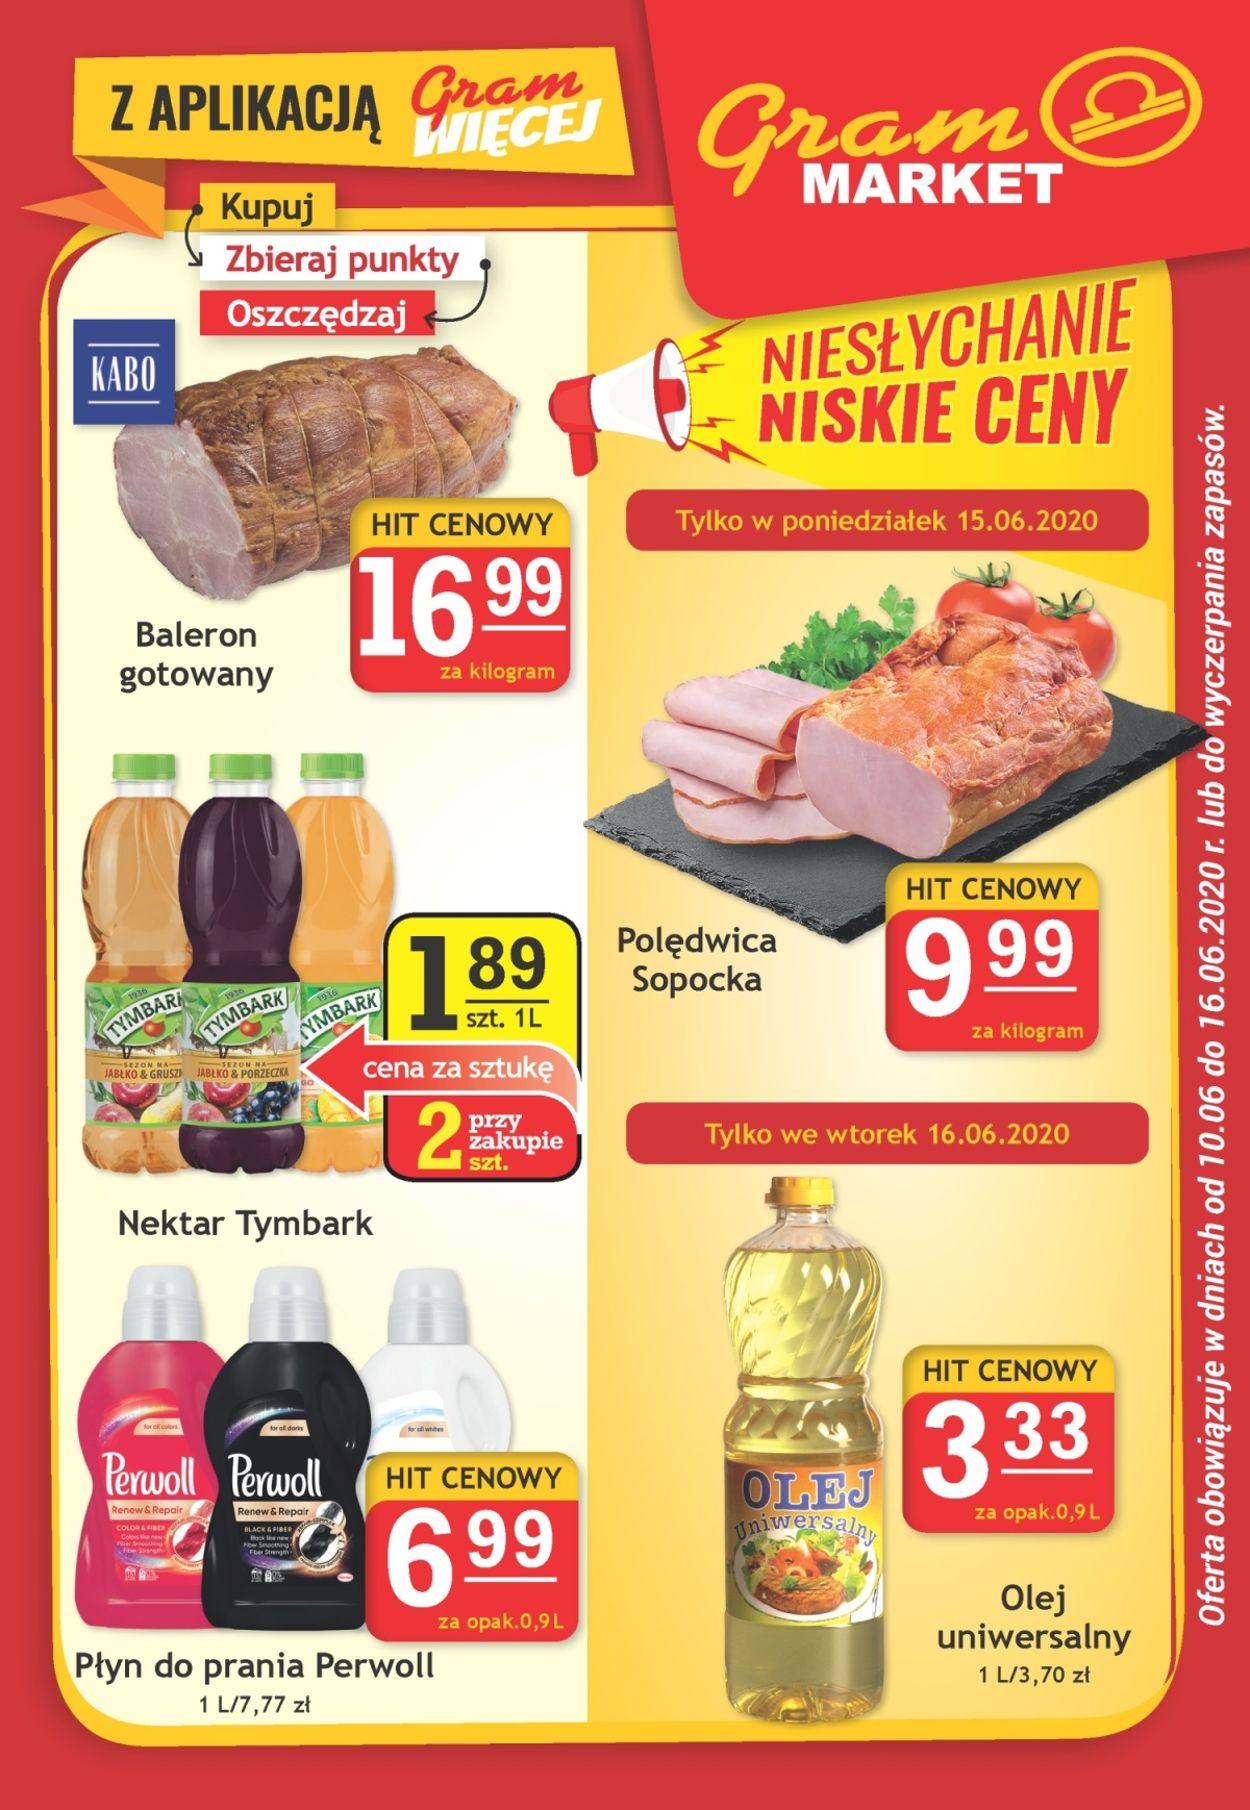 Gazetka promocyjna Gram Market - 10.06-16.06.2020